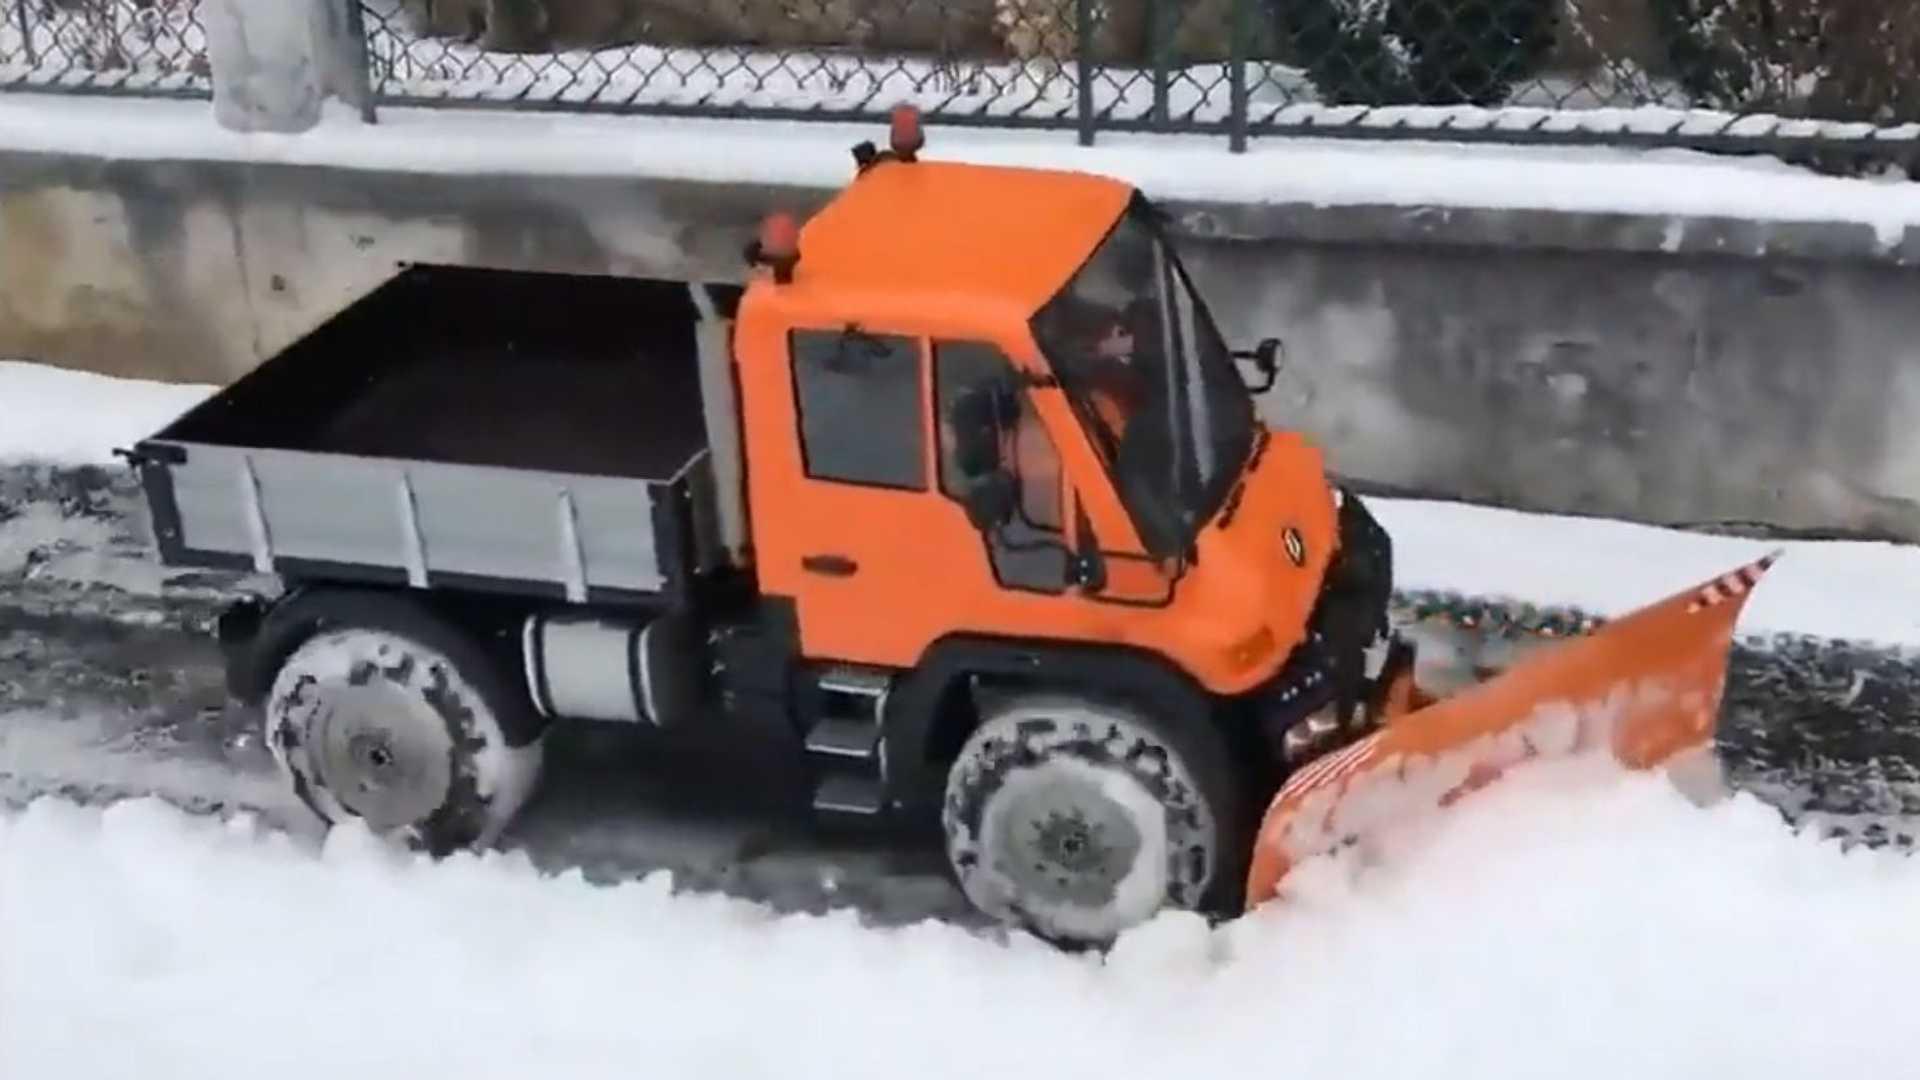 Снежный плуг Epic RC Unimog — лучший способ выжить в снежном покалипсисе